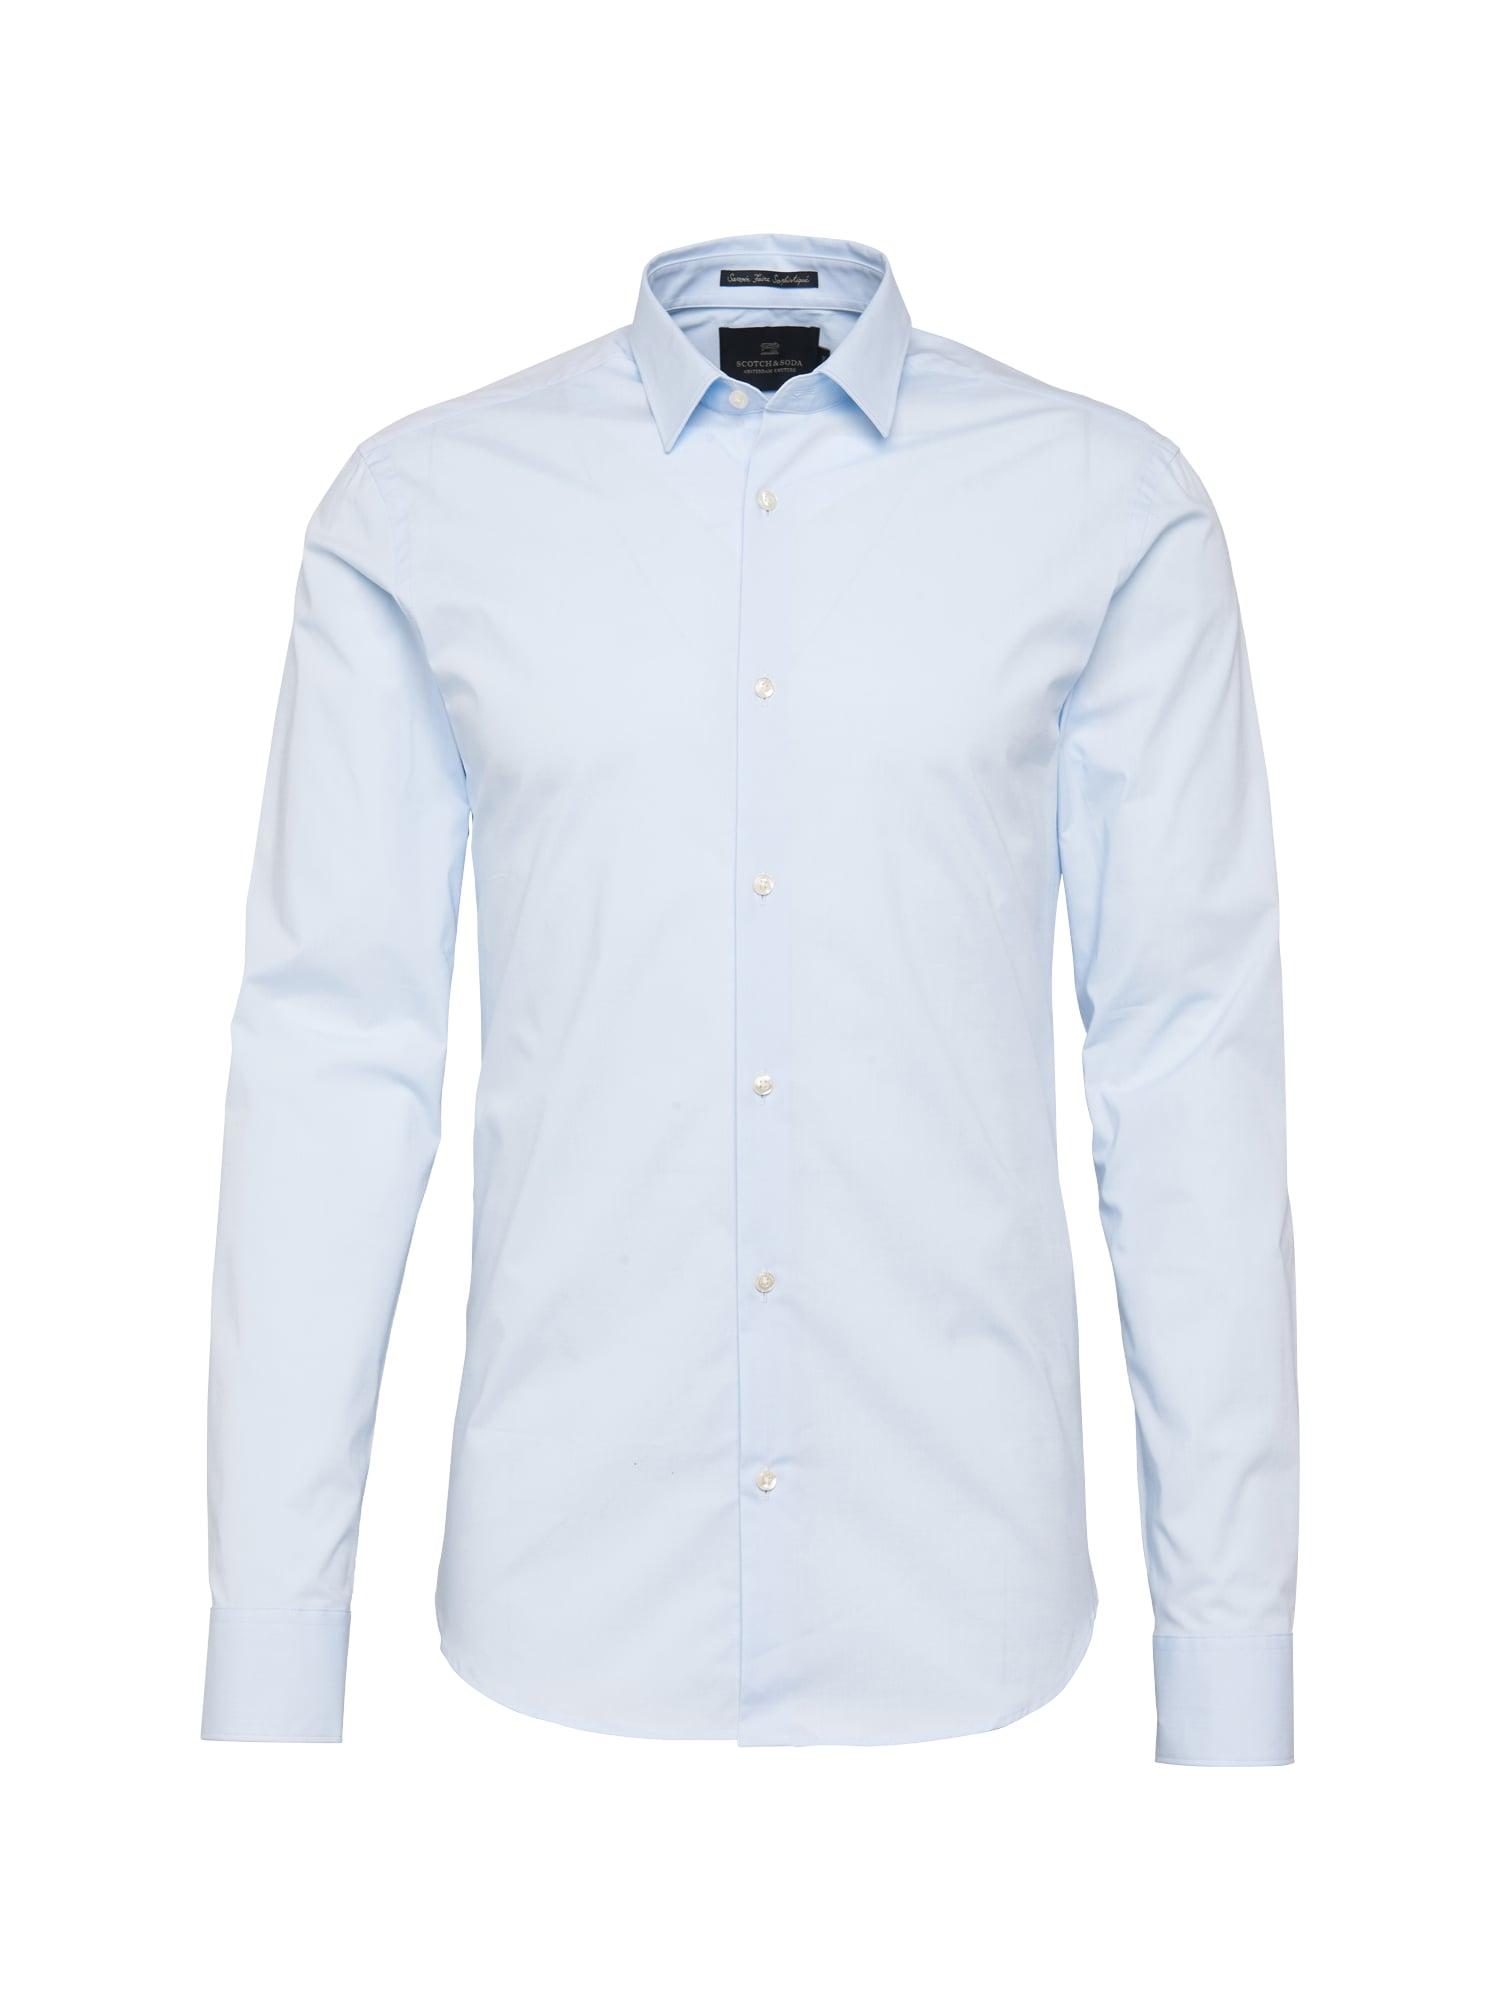 Společenská košile NOS - Classic longsleeve shirt in crispy cottonlycra qualit světlemodrá SCOTCH & SODA